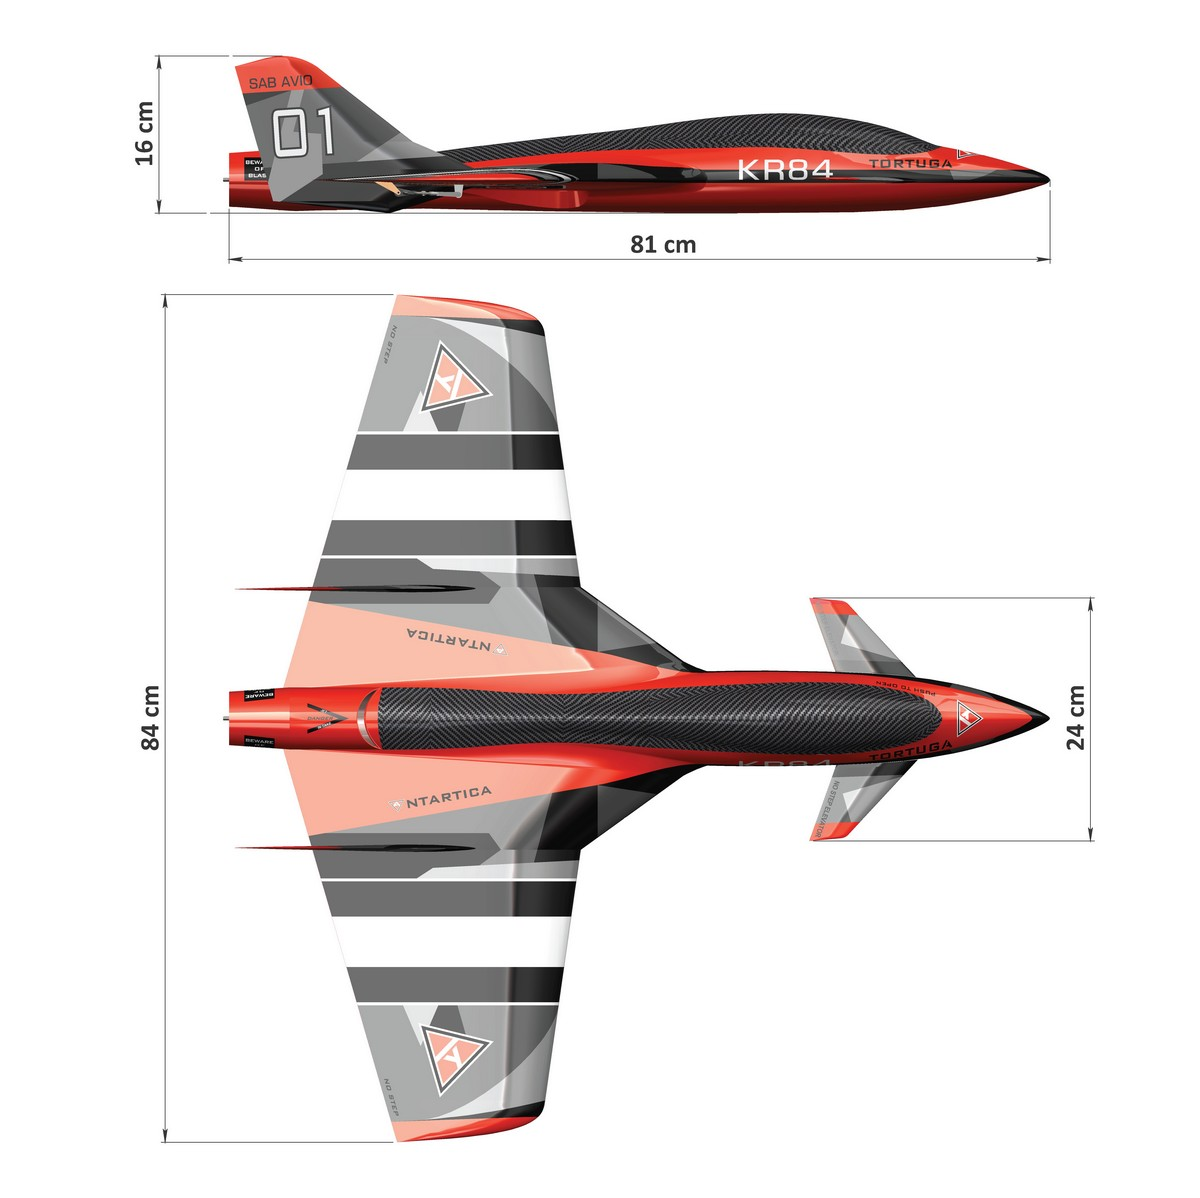 sab-tortuga-dimension-avio.jpg